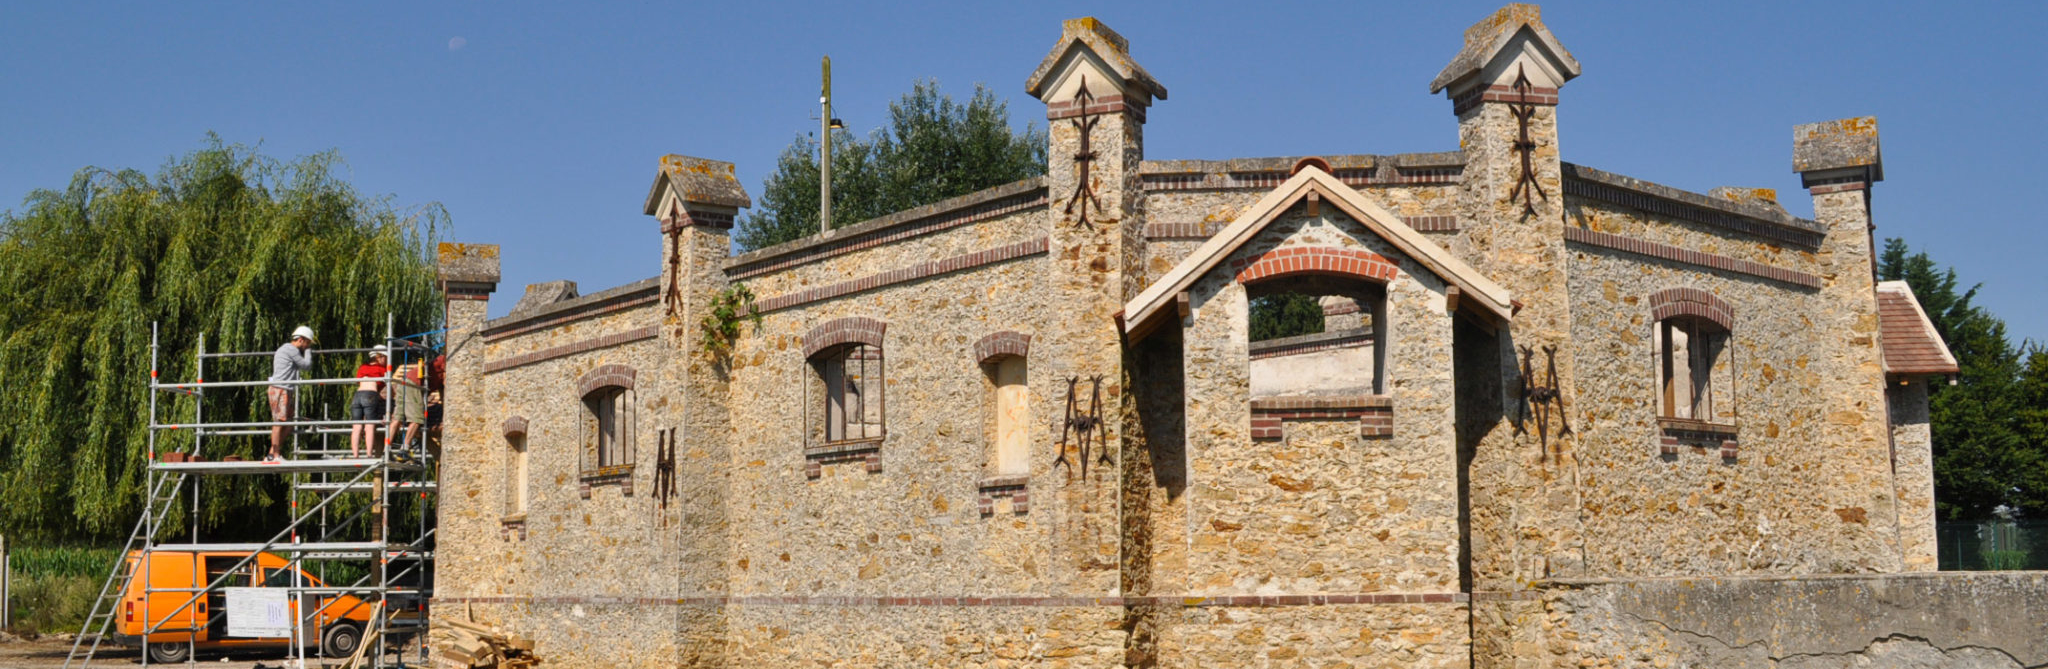 restauration-chateau-chapelles-eglises_2048x669_acf_cropped